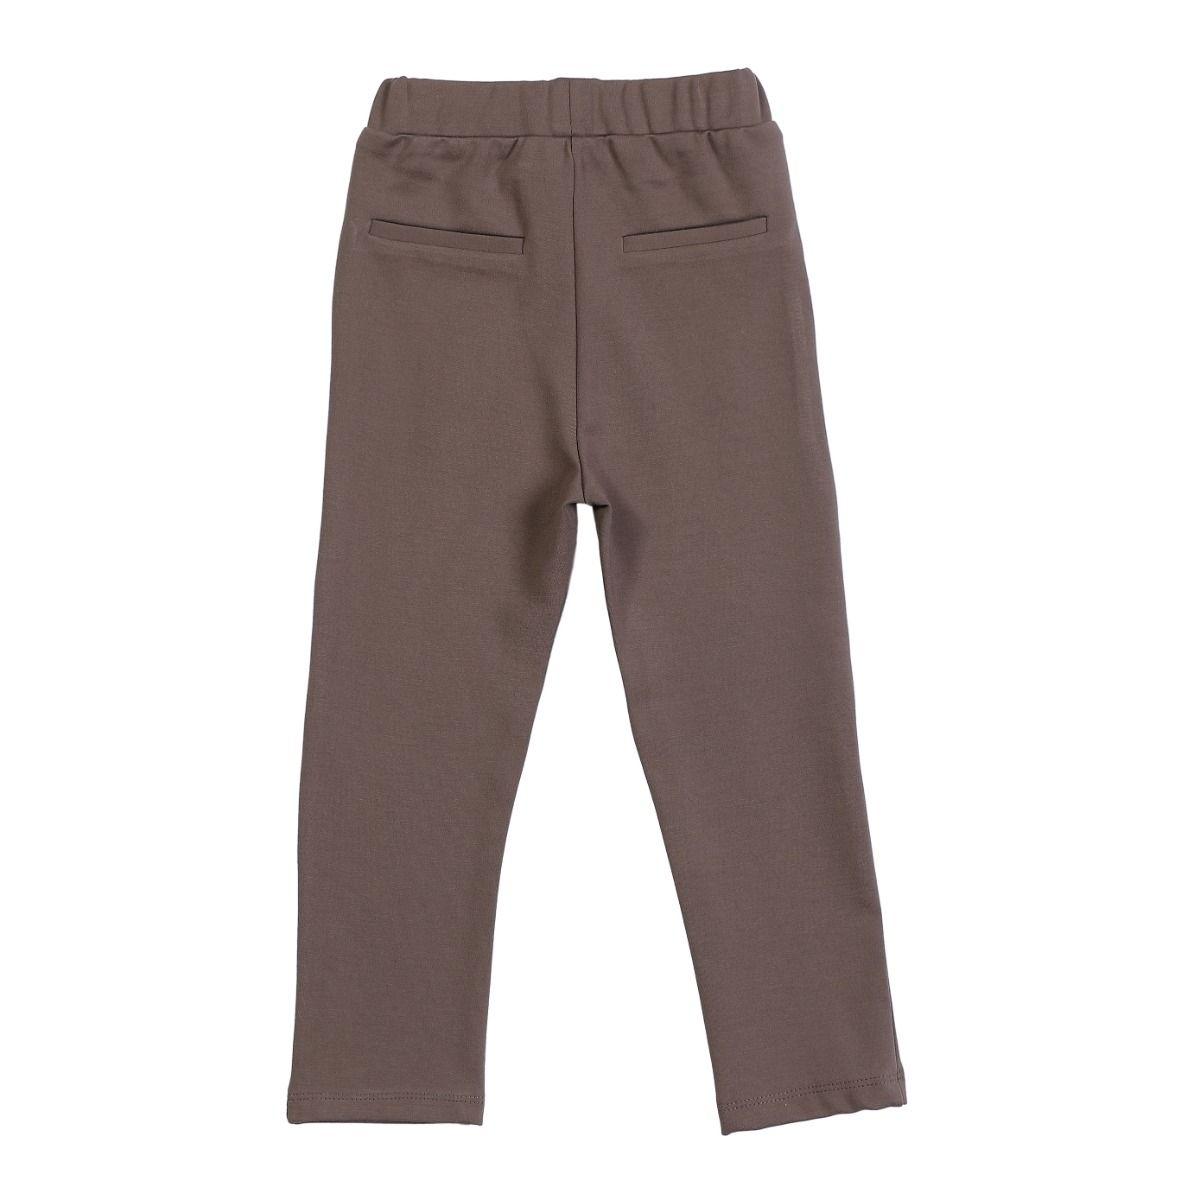 Kidi Trousers | Praline